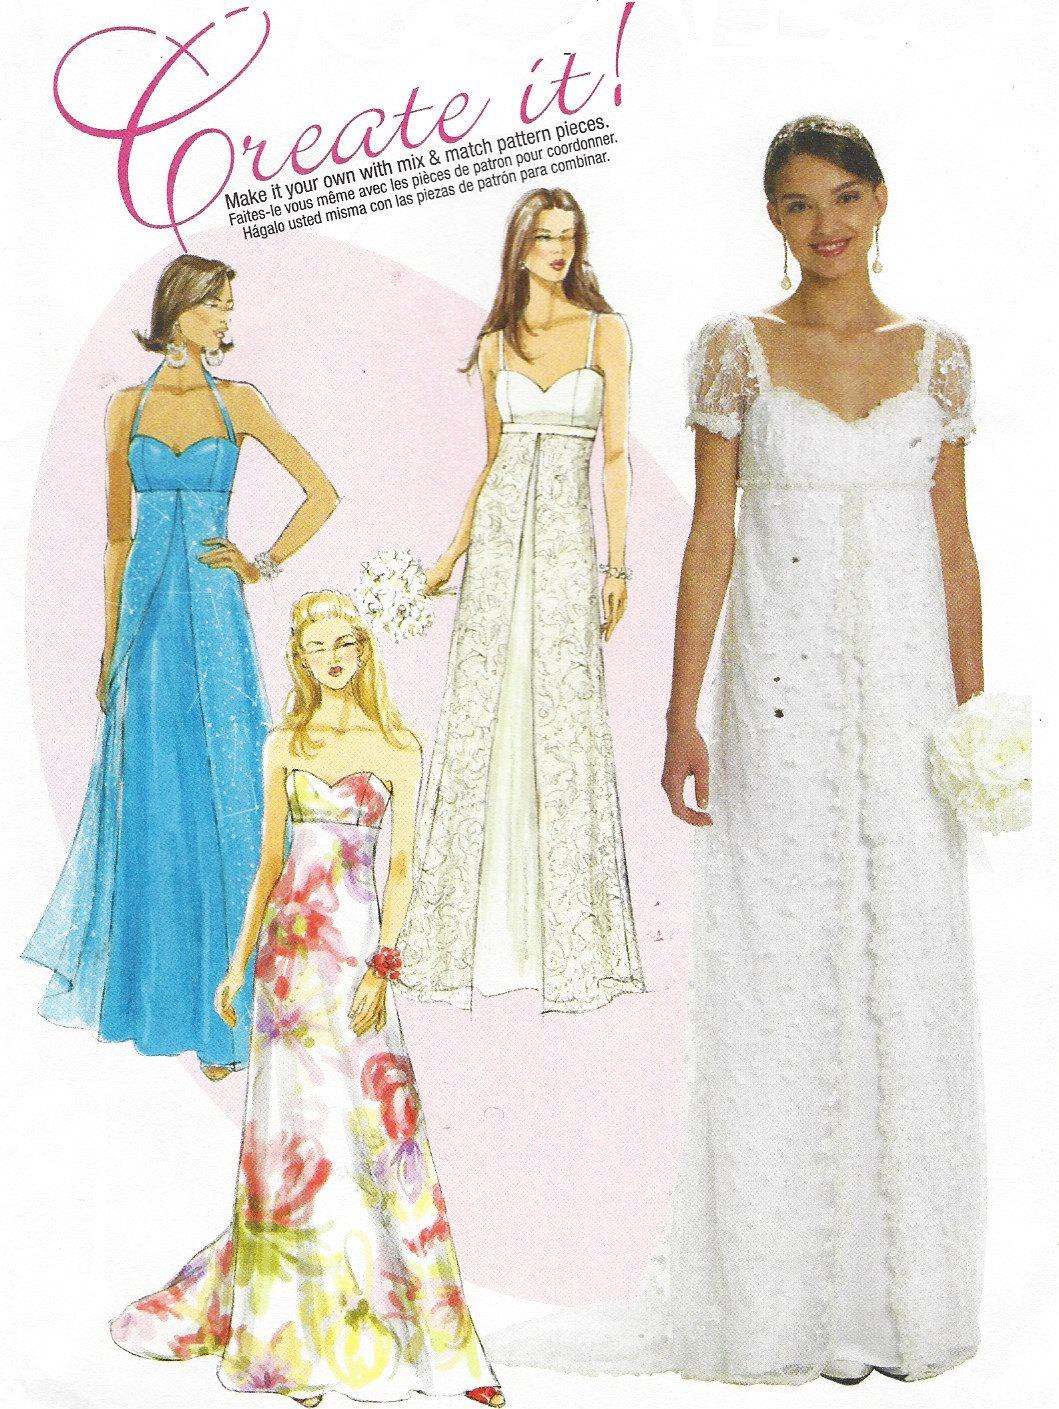 Ausgezeichnet Brautkleider Für Große Büste Bilder - Hochzeit Kleid ...